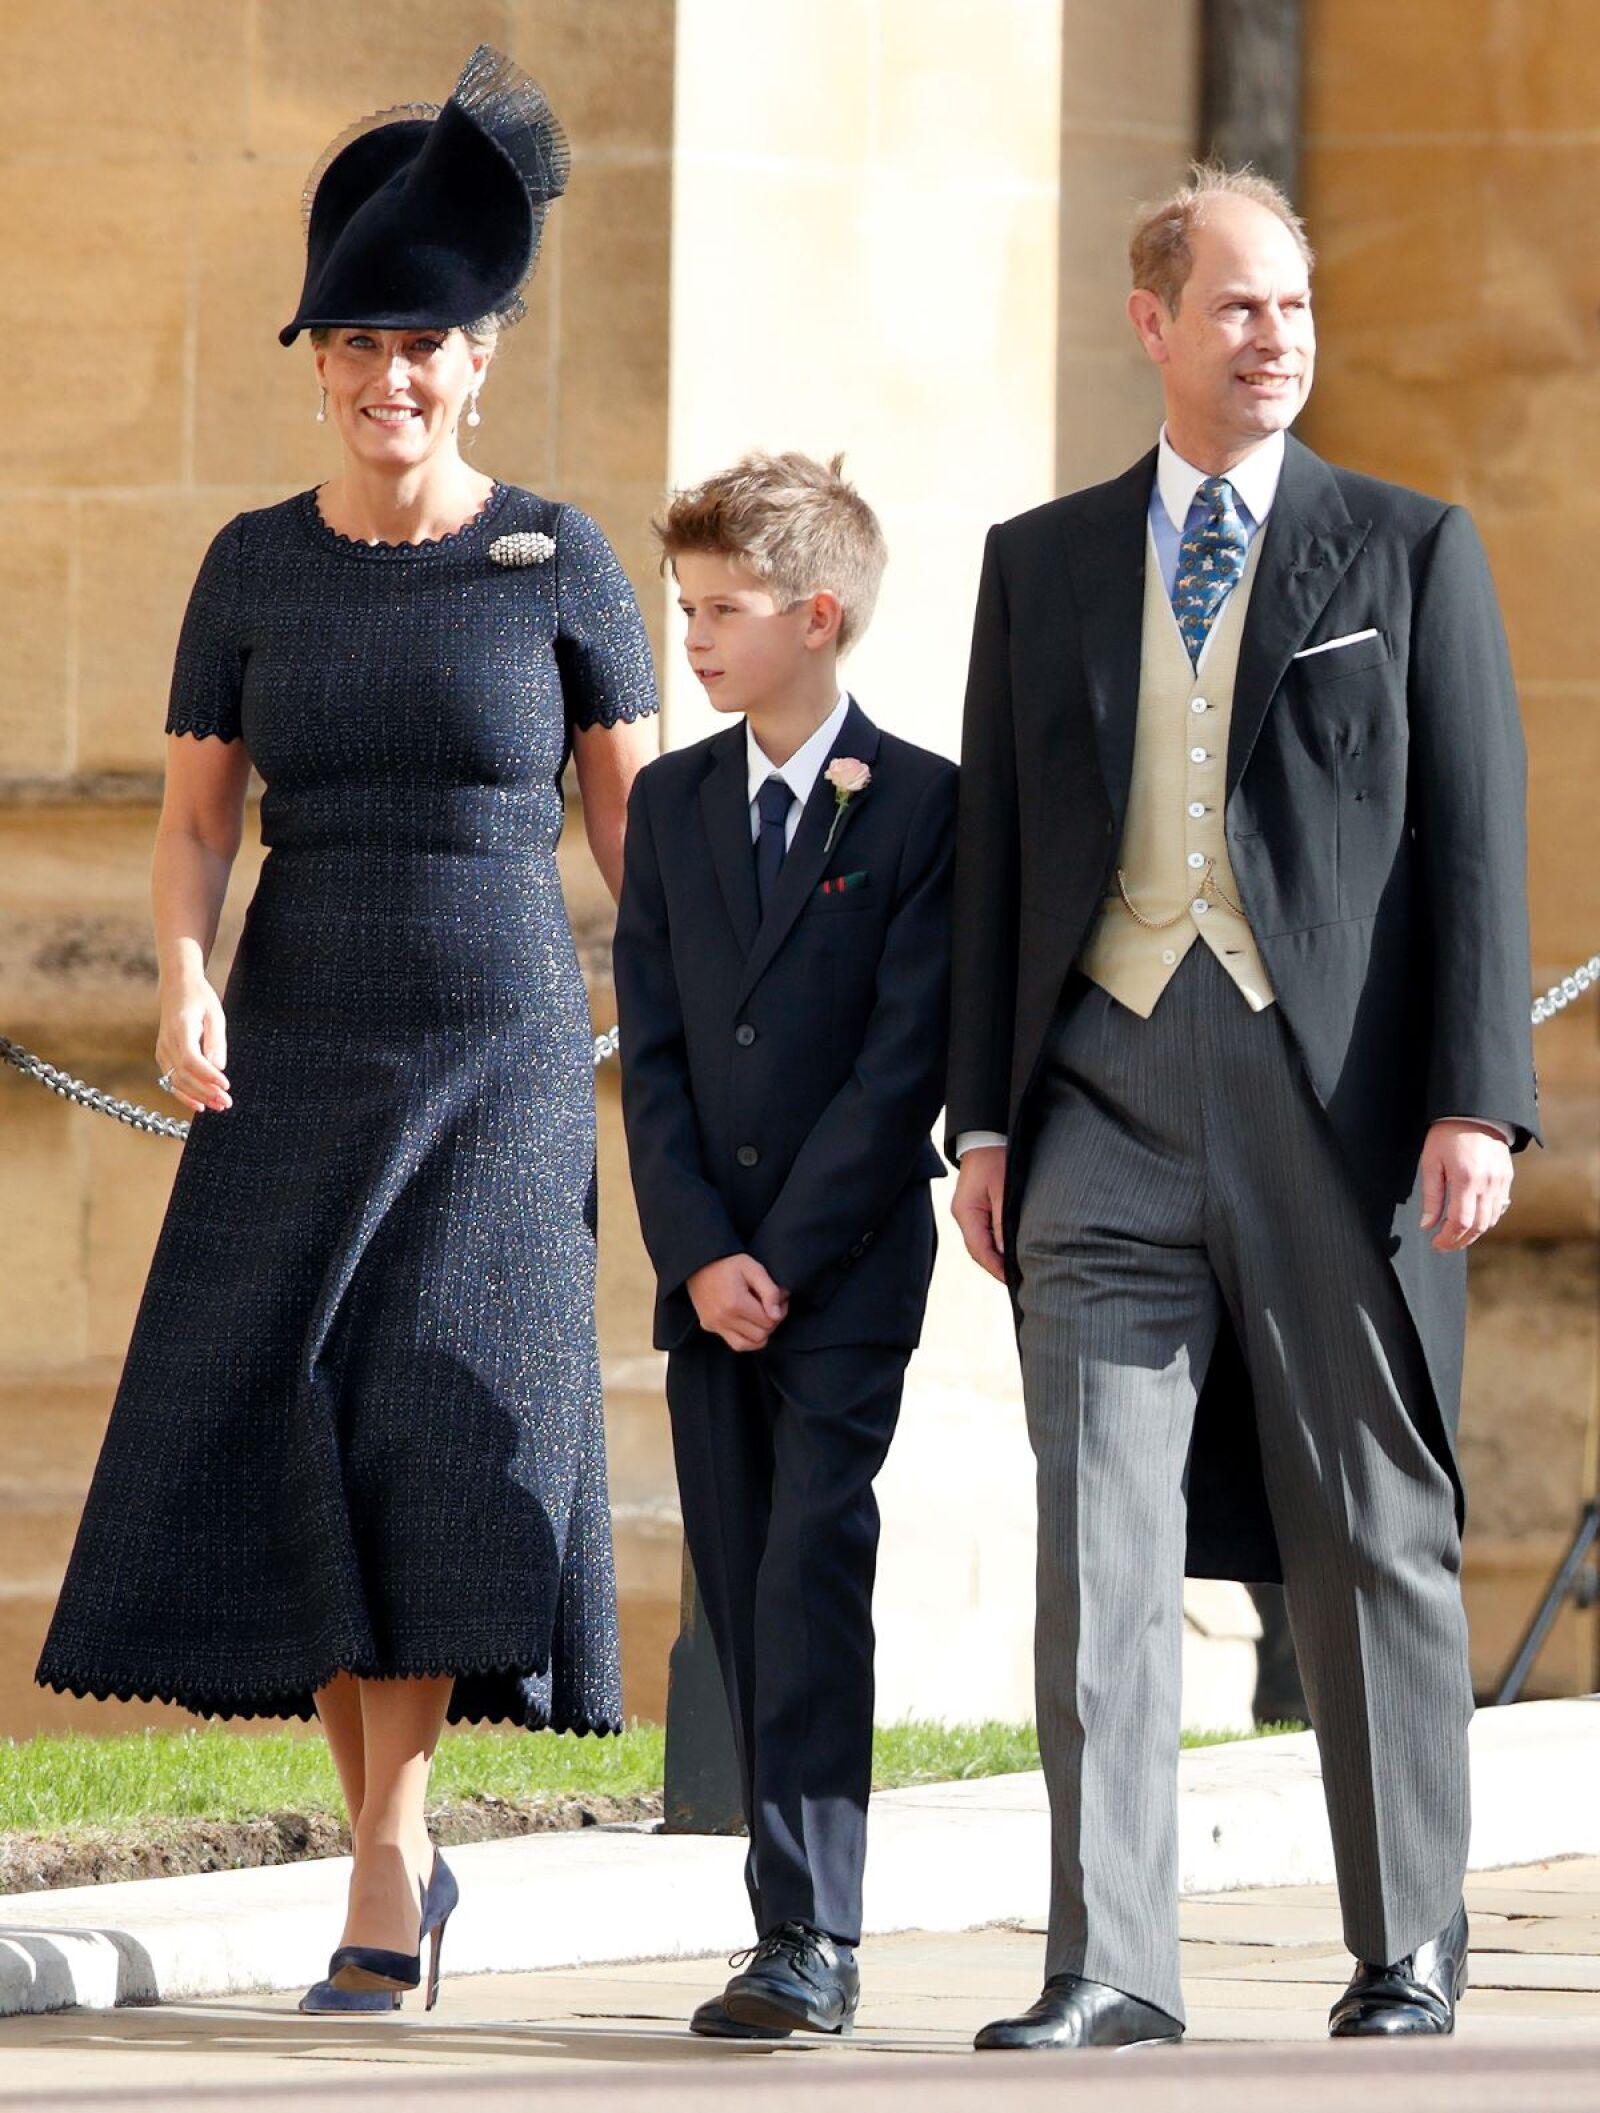 Sophie, condesa de Wessex, James, vizconde Severn y el príncipe Edward, conde de Wessex.jpg